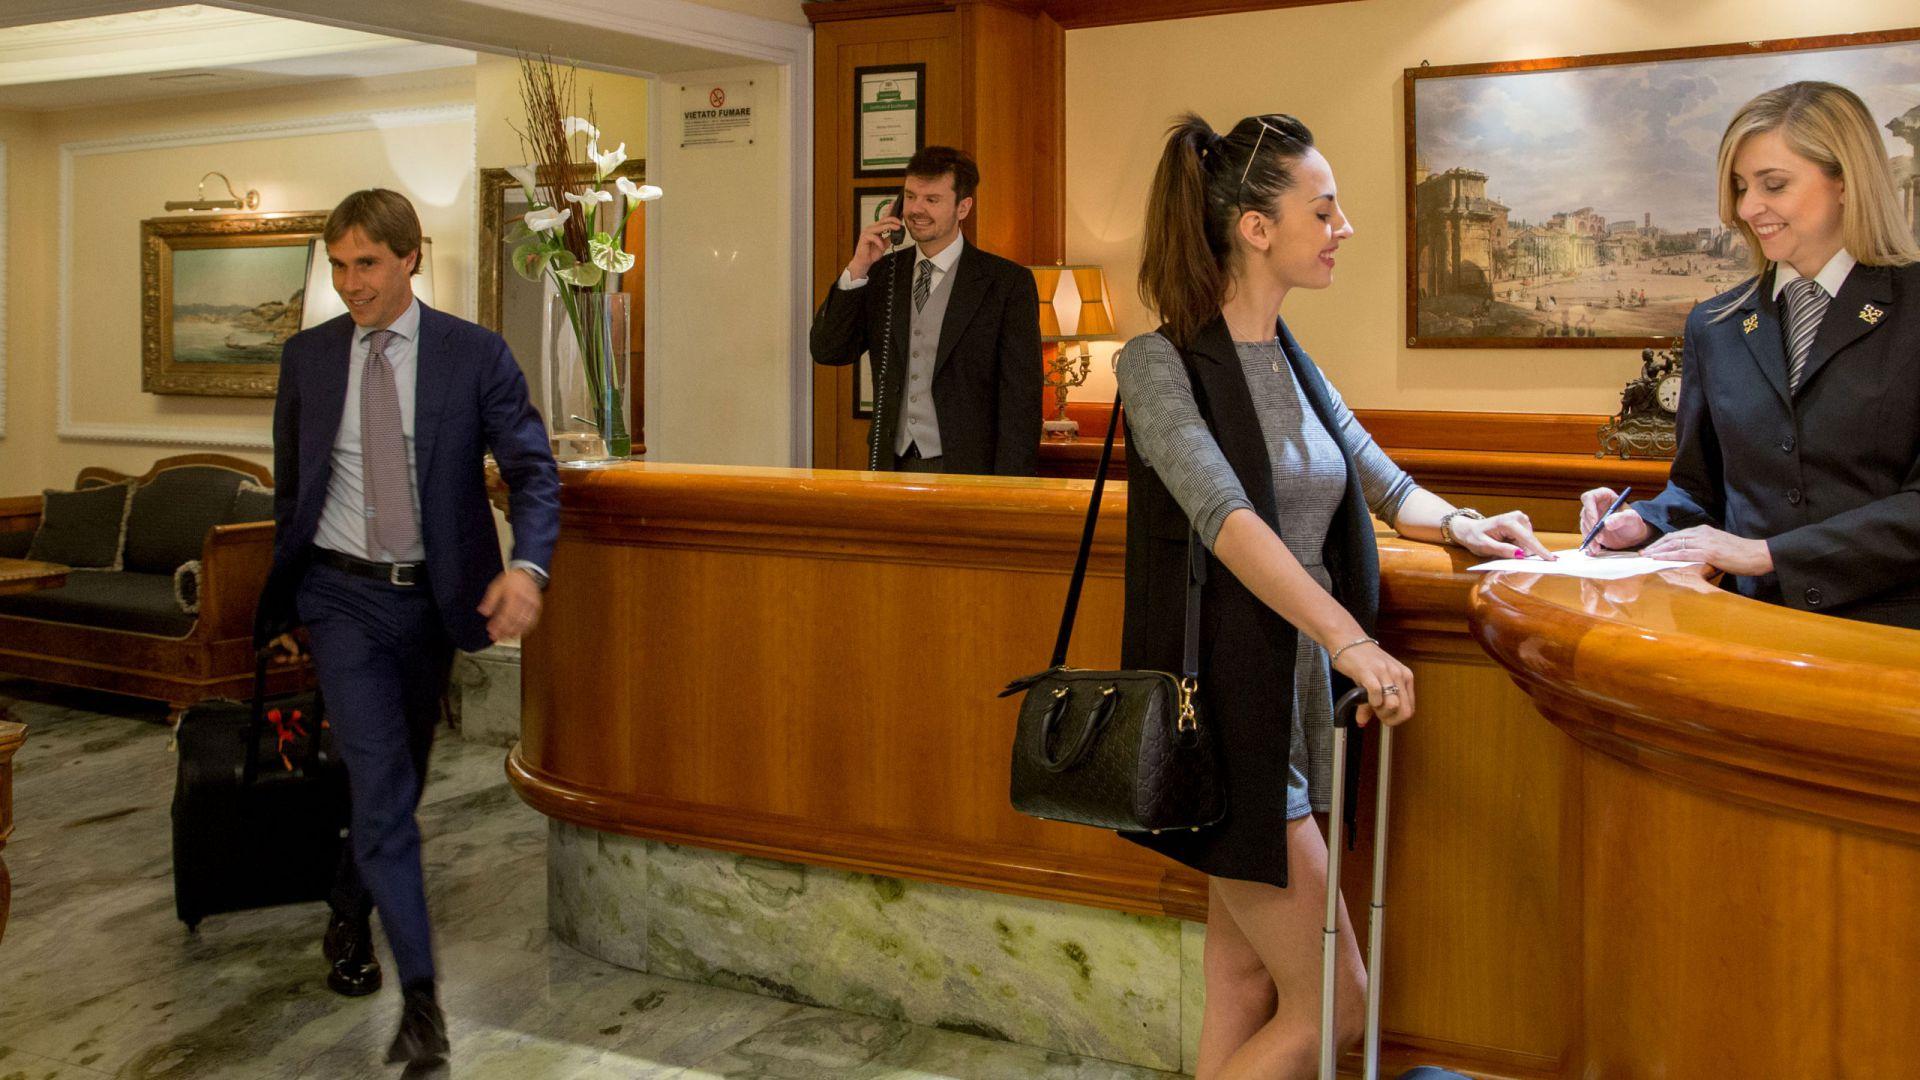 albergo-ottocento-roma-interni-02